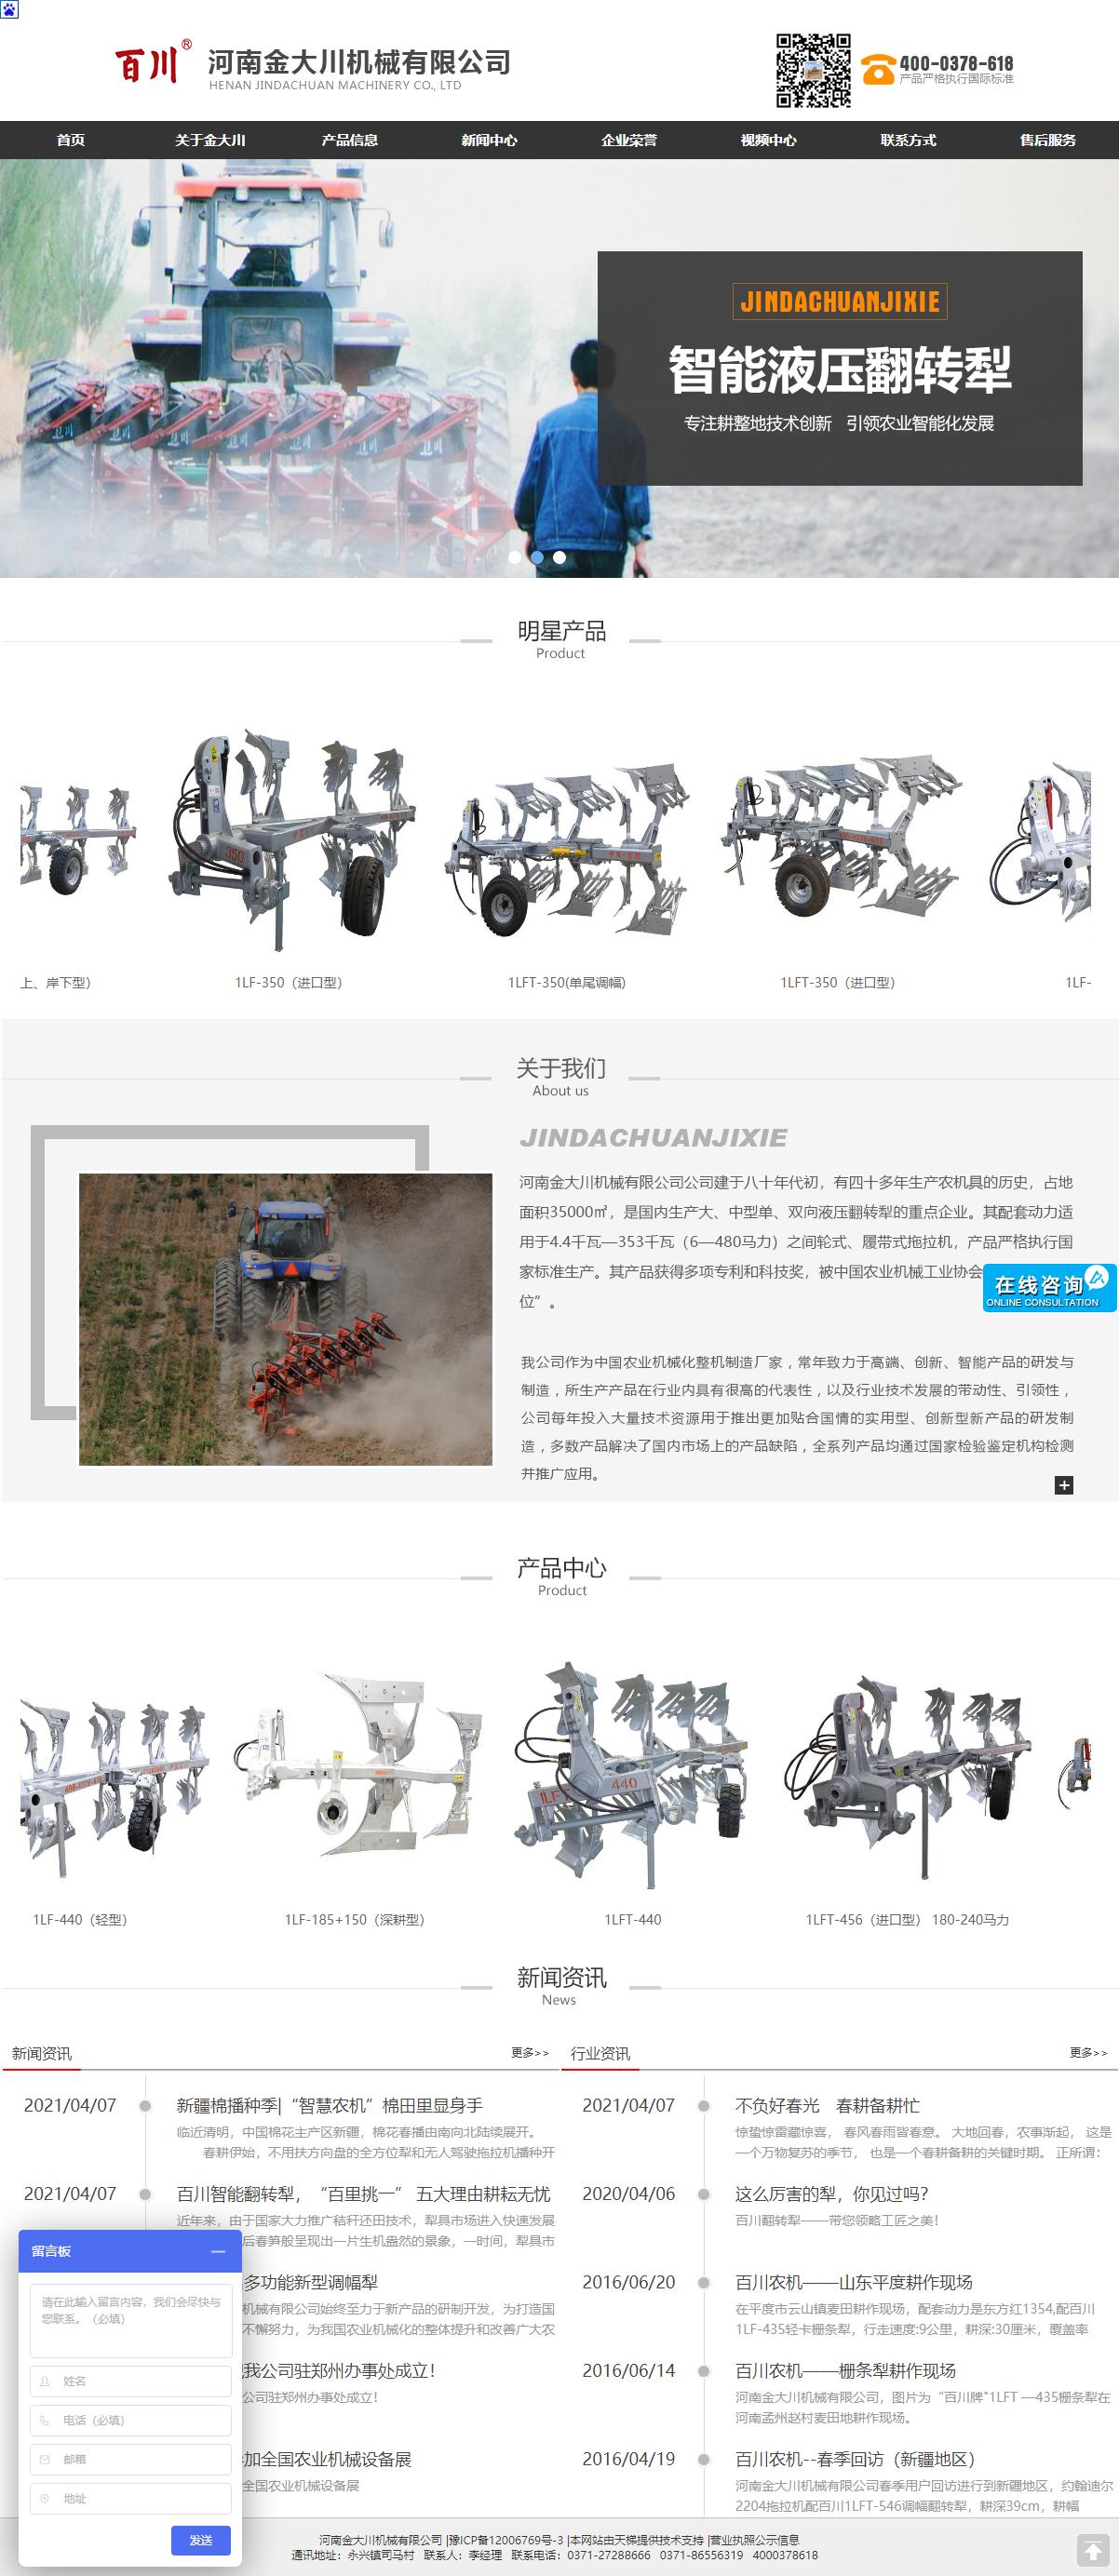 河南金大川机械有限公司网站案例